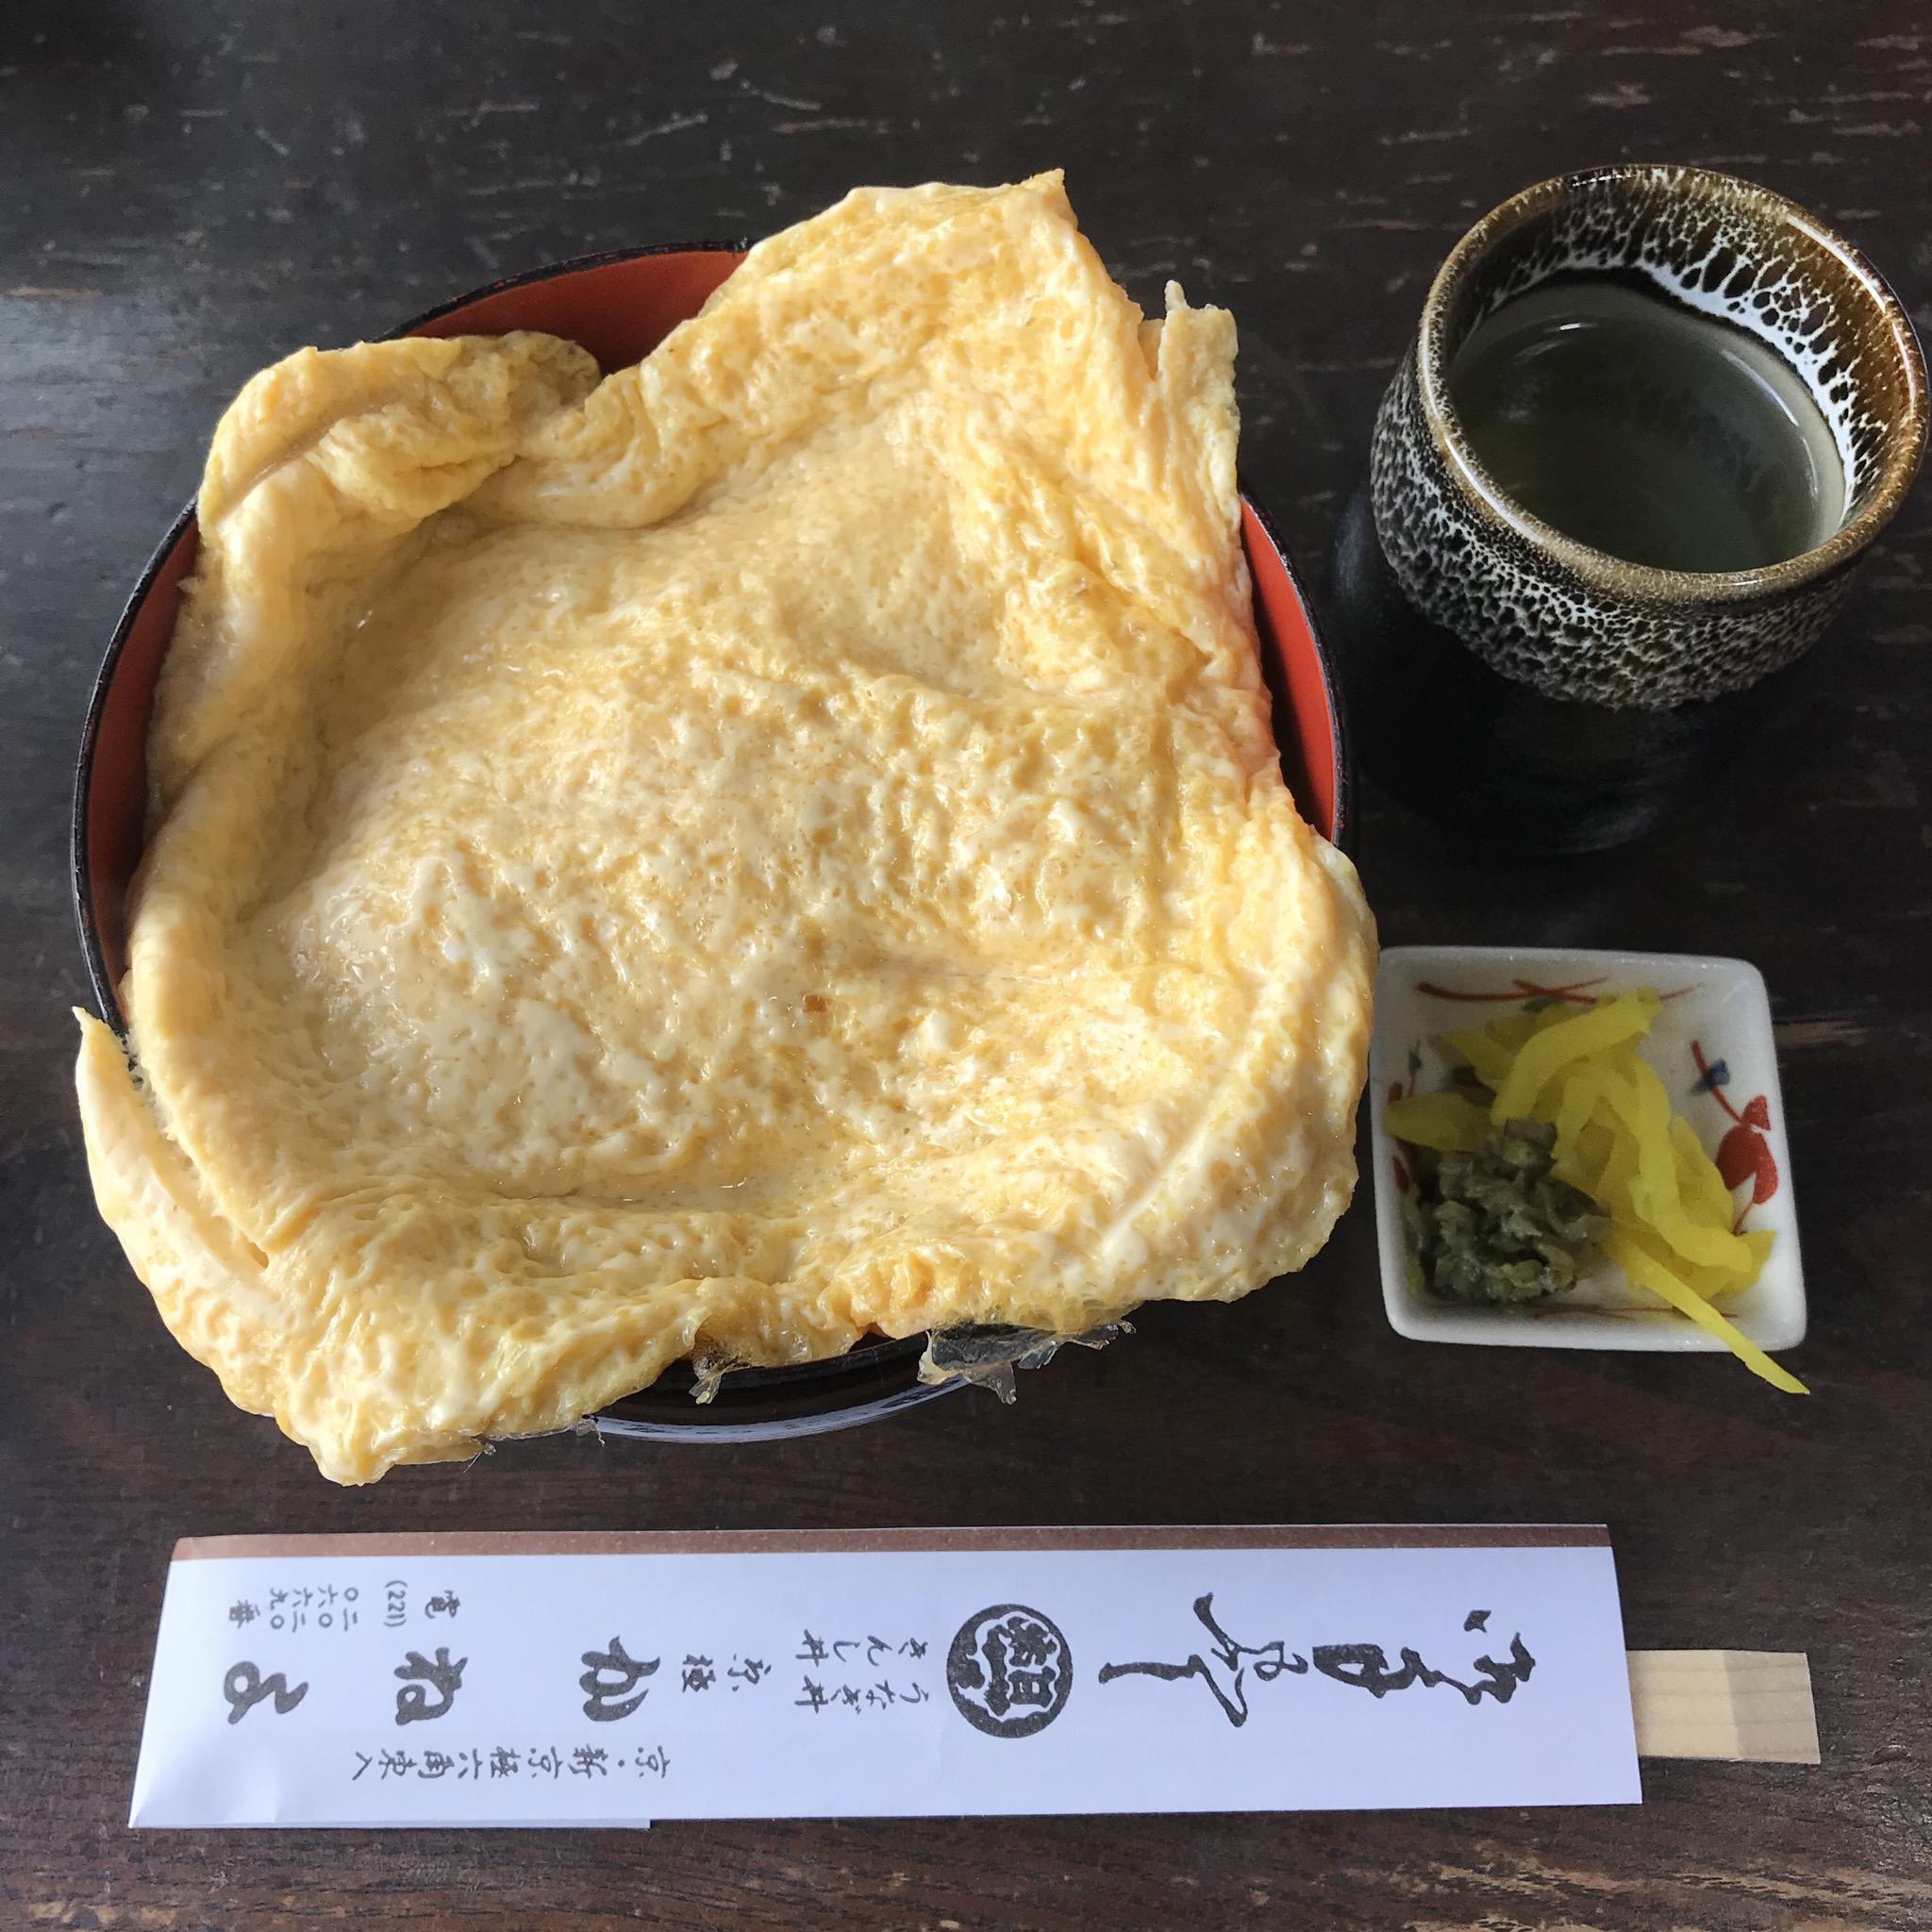 【京都】行列!創業明治の老舗店「きんし丼」を食べに行ってきました❤︎_2